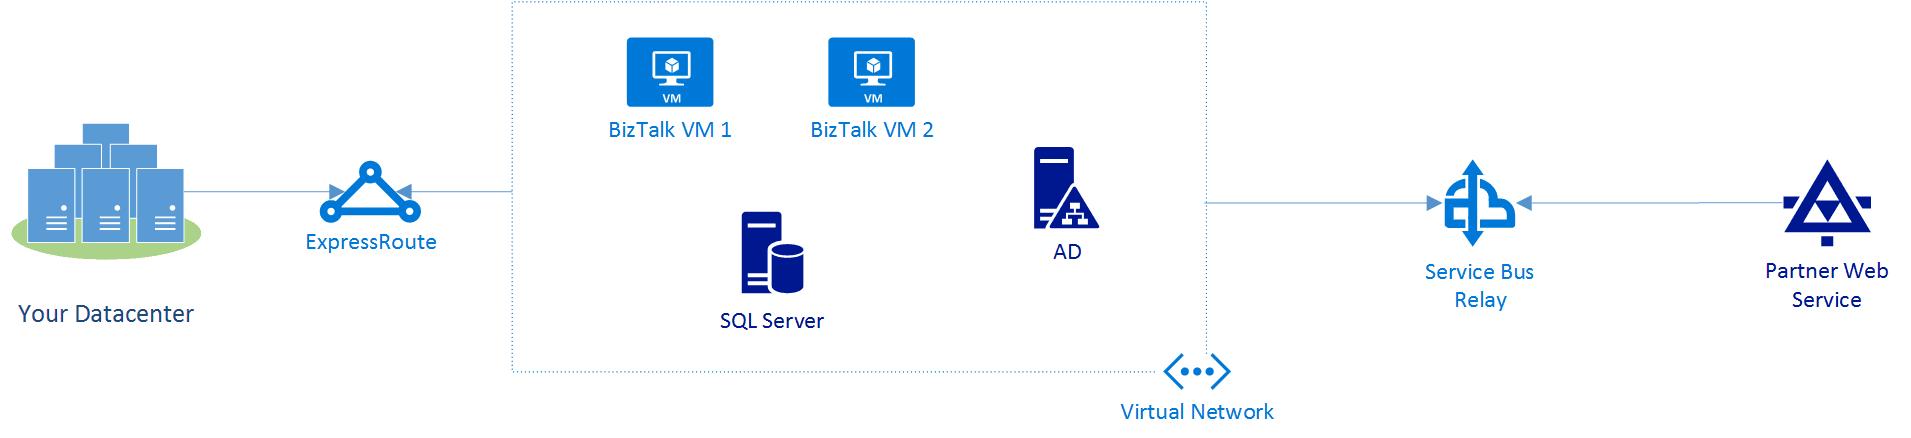 Azure BizTalk Services: BizTalk in Azure Infrastructure as a